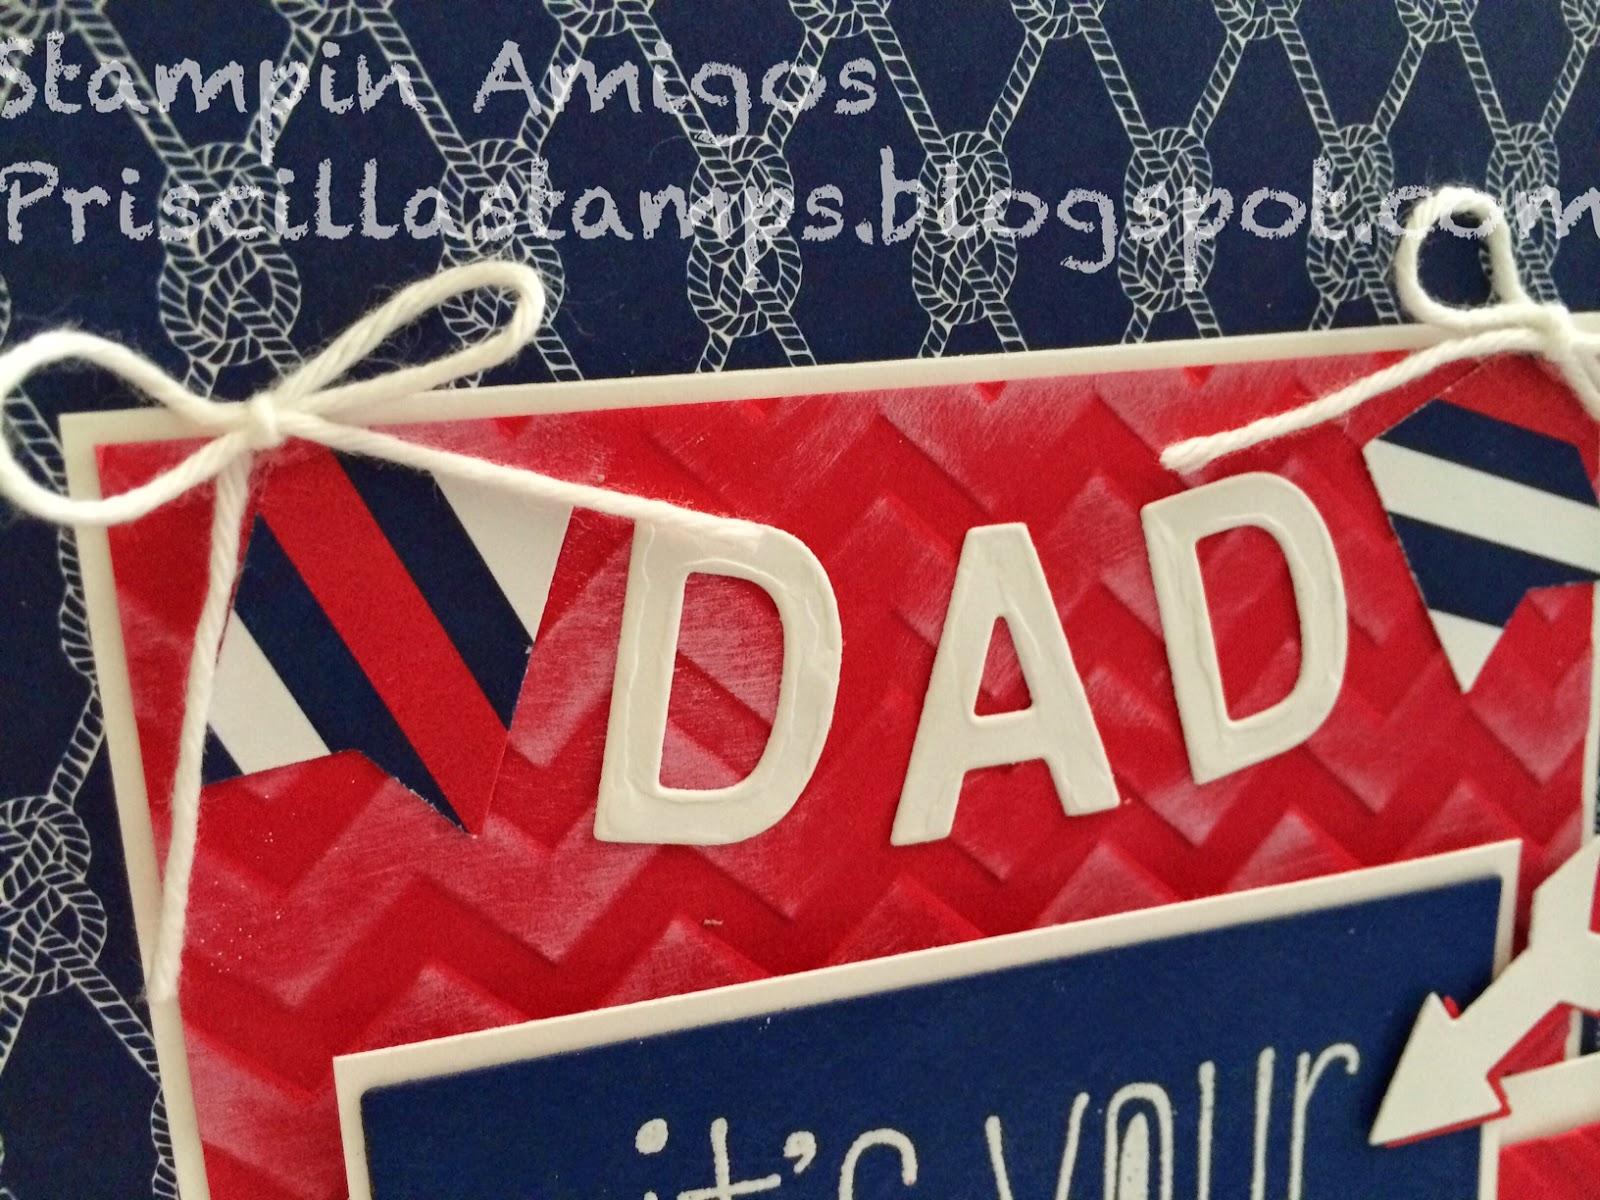 Stampin' Amigos: Happy Birthday, Dad!